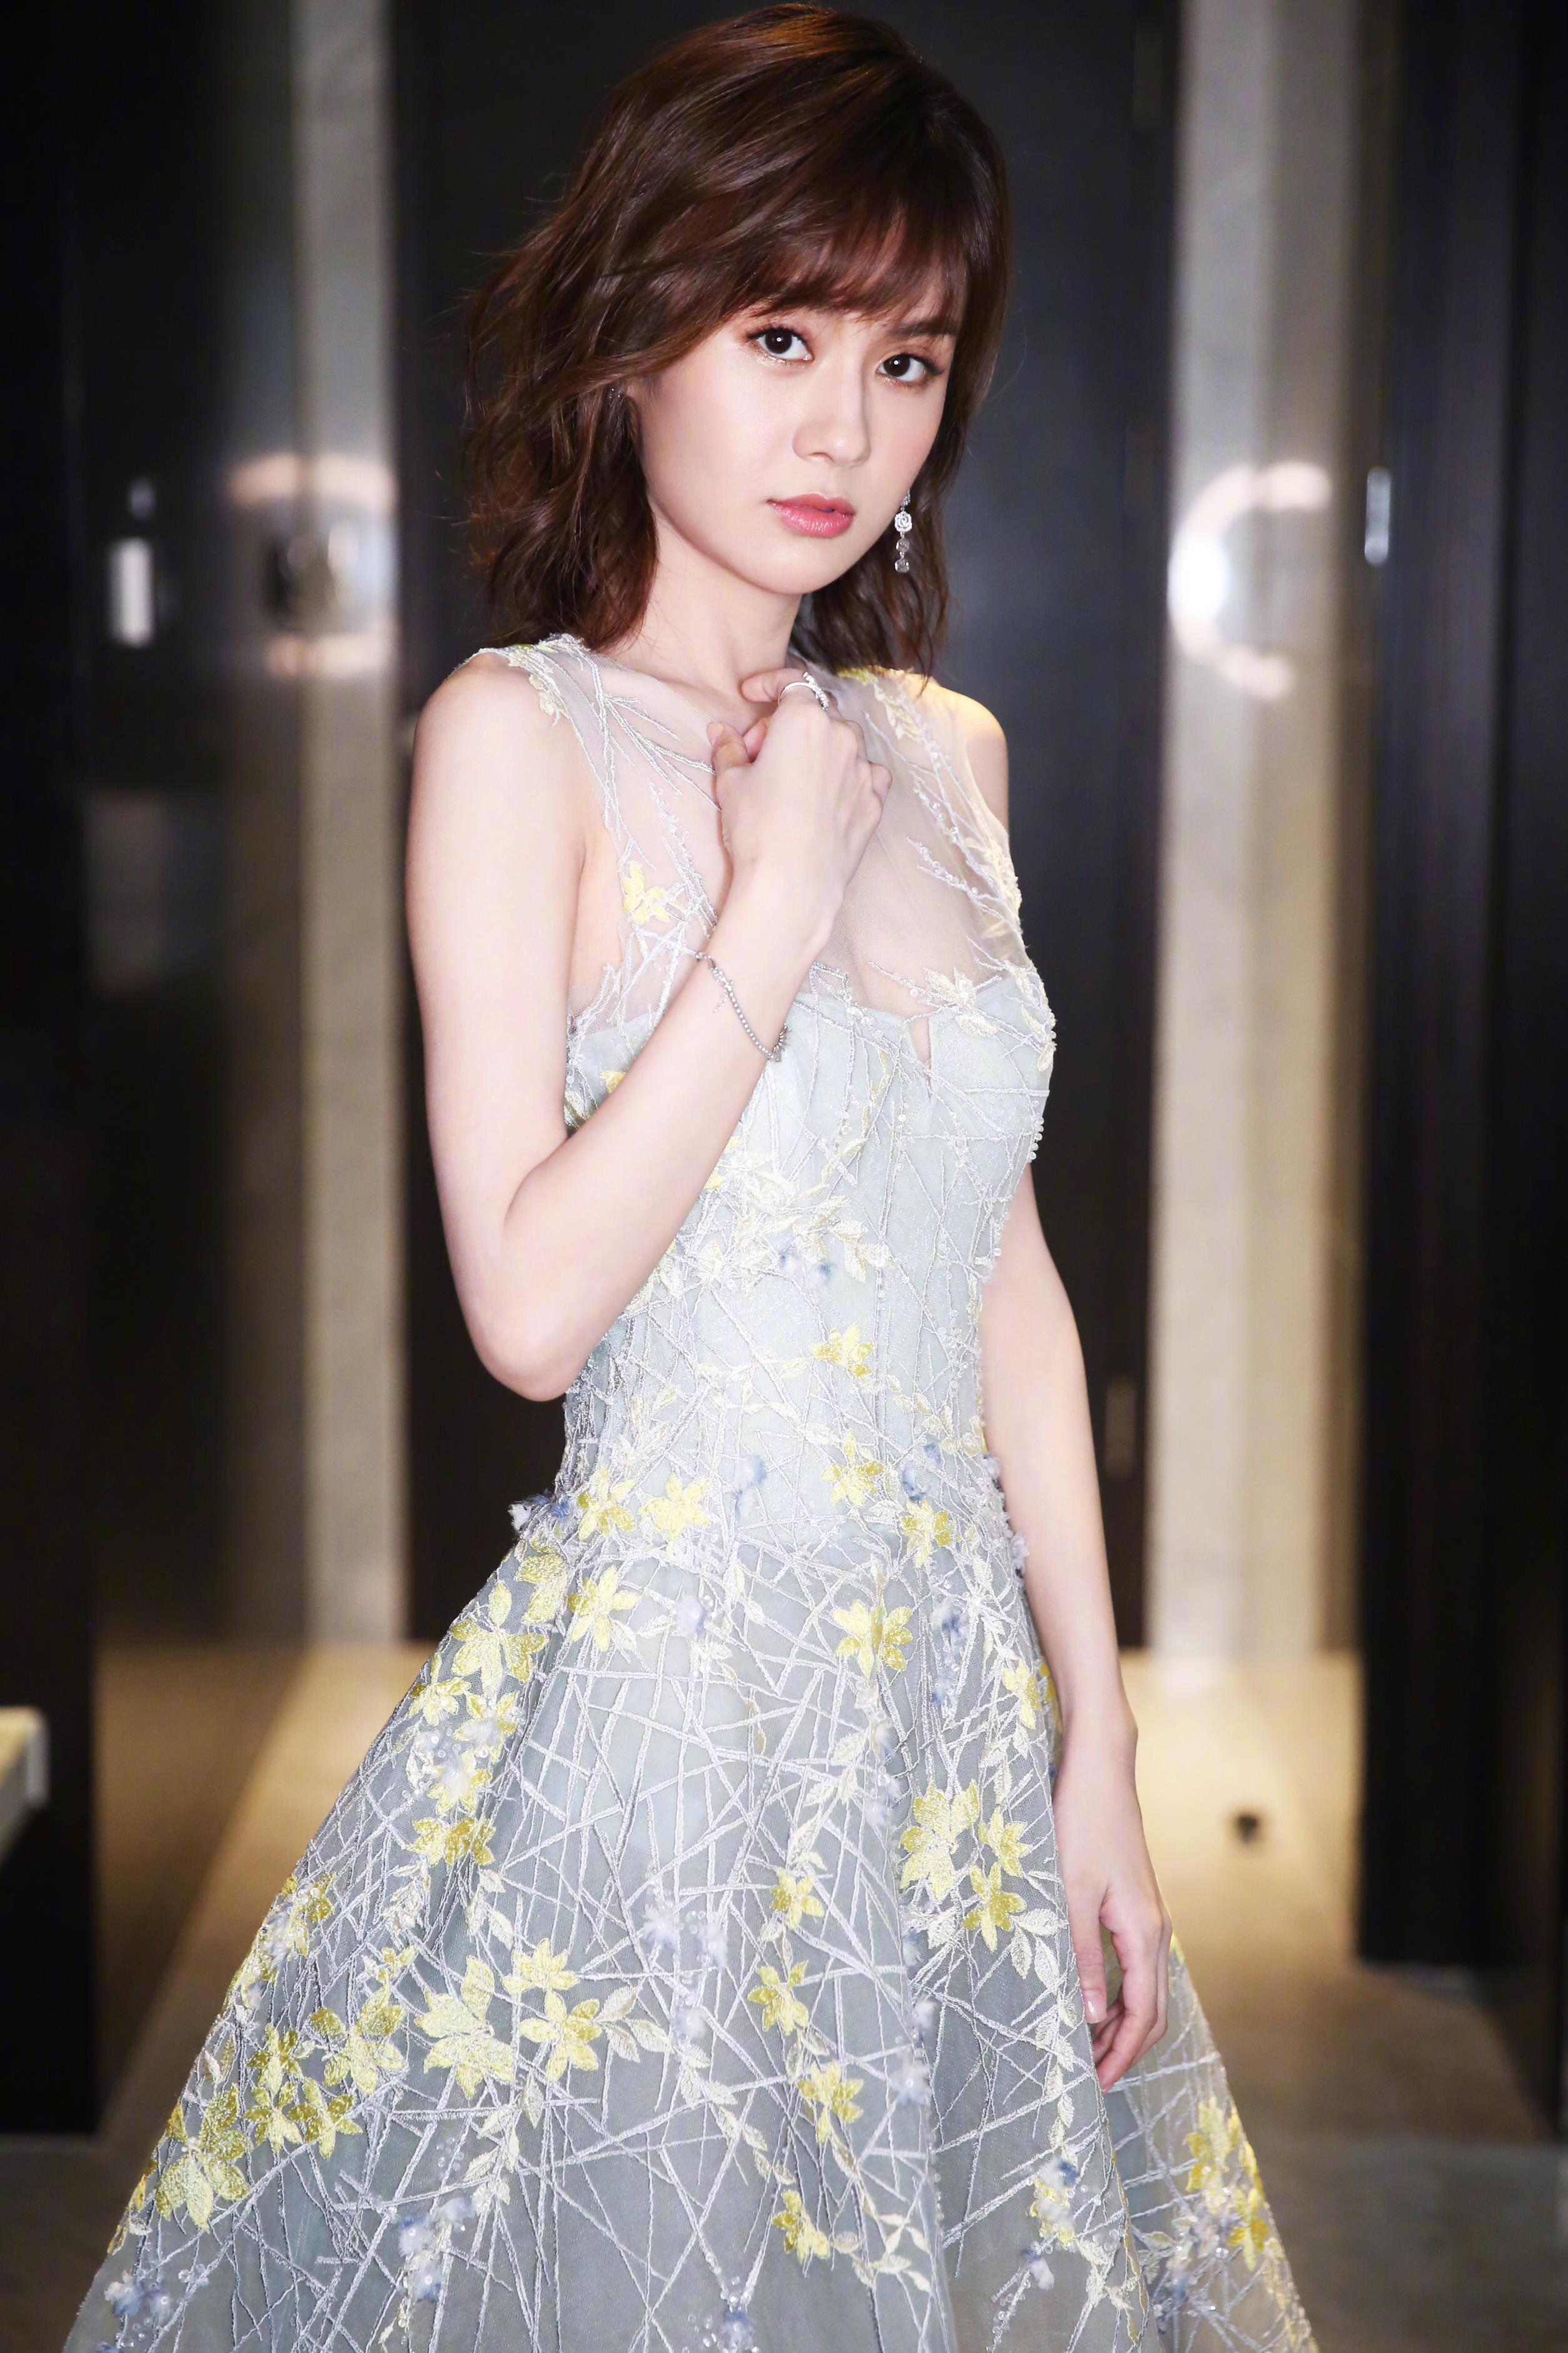 郑合惠子 身着Shine Moda刺绣灰色连衣裙搭配Benative亮片高跟鞋亮相金骨朵网络影视盛典